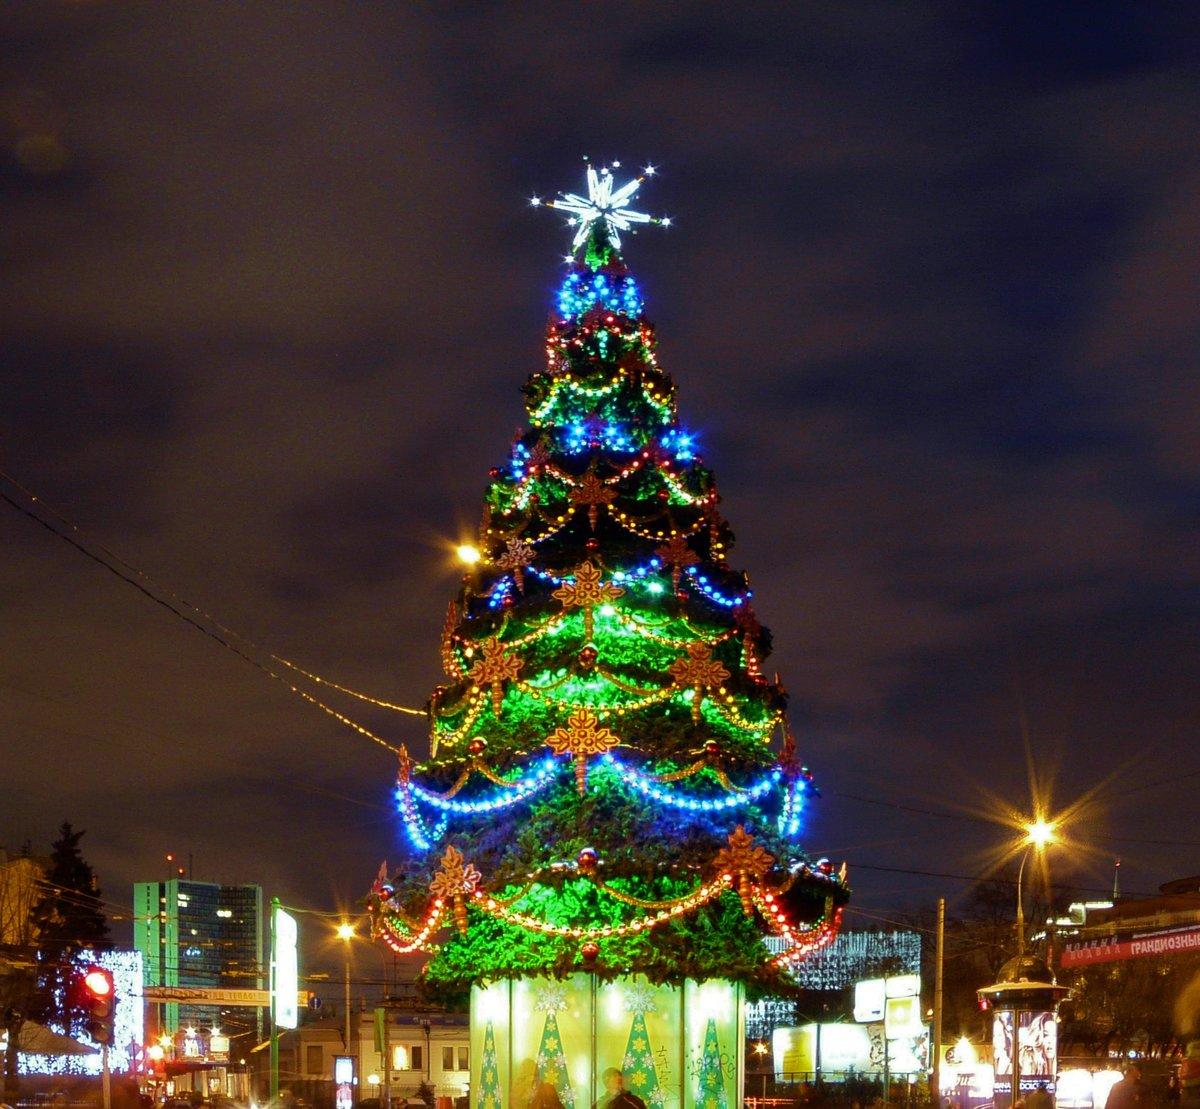 один фото елки новогодней по районам москвы выбираем шторы одном